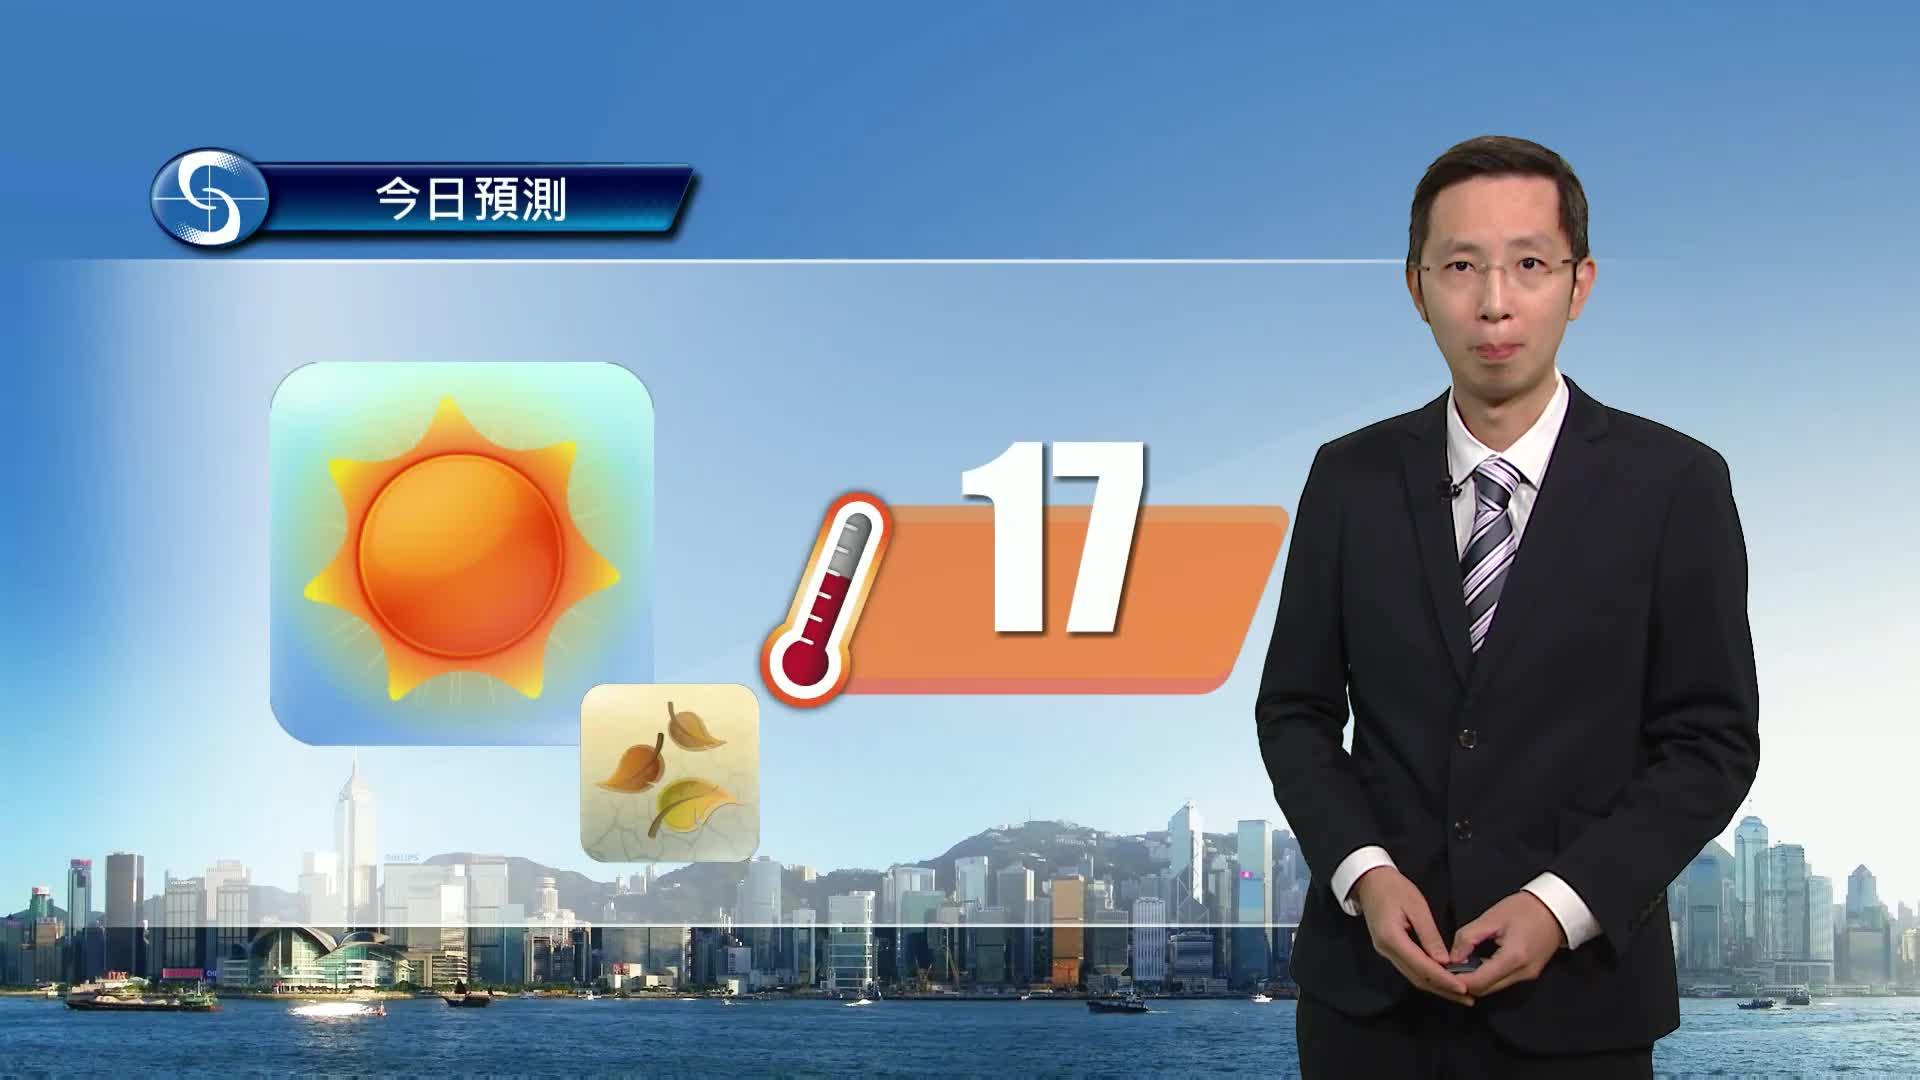 早晨天氣節目(01月18日上午8時) - 科學主任蔡振榮